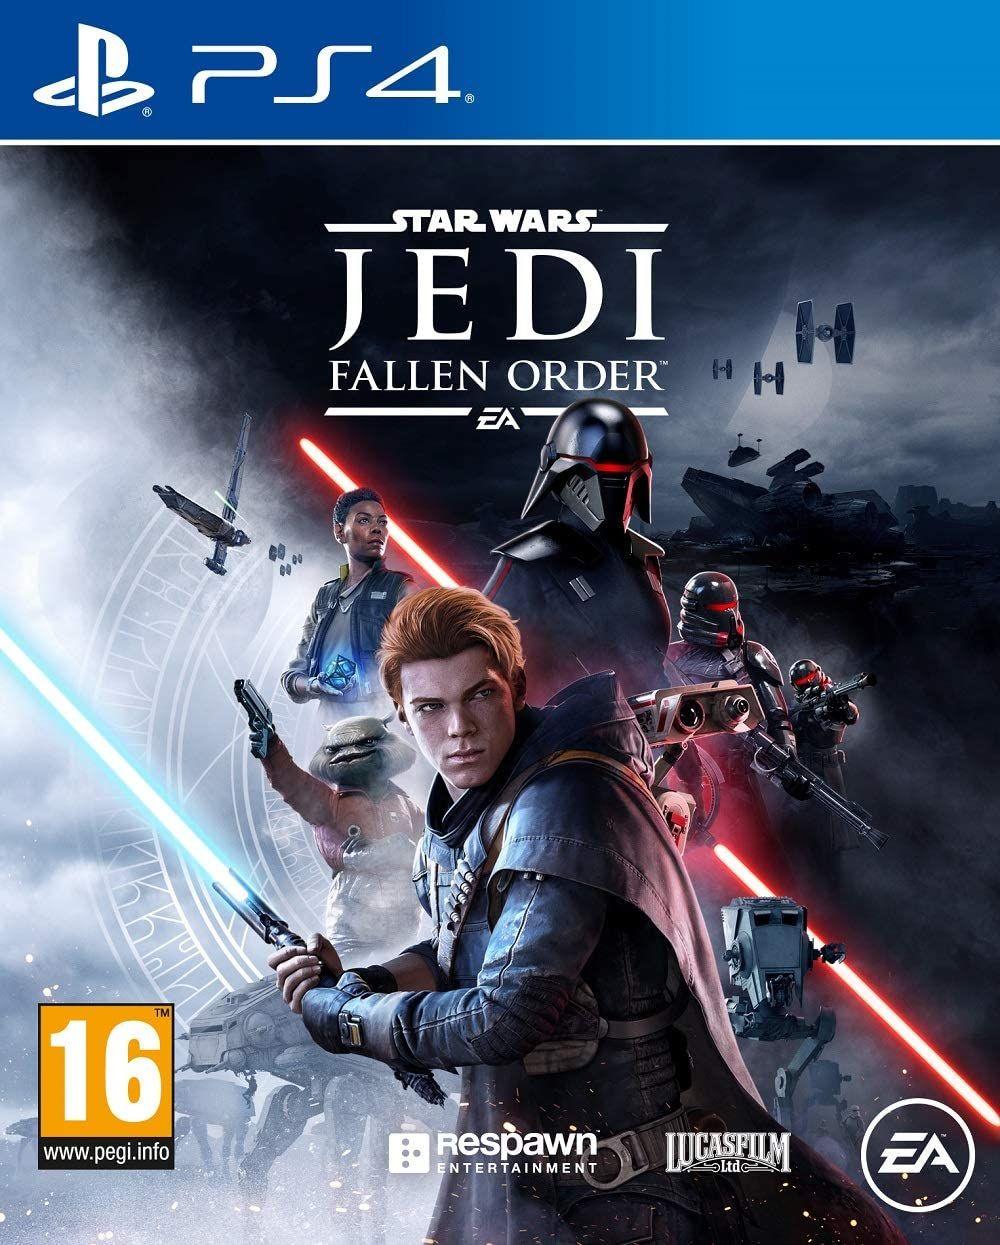 Star Wars Jedi Fallen Order PS4 £14.97 @ Currys